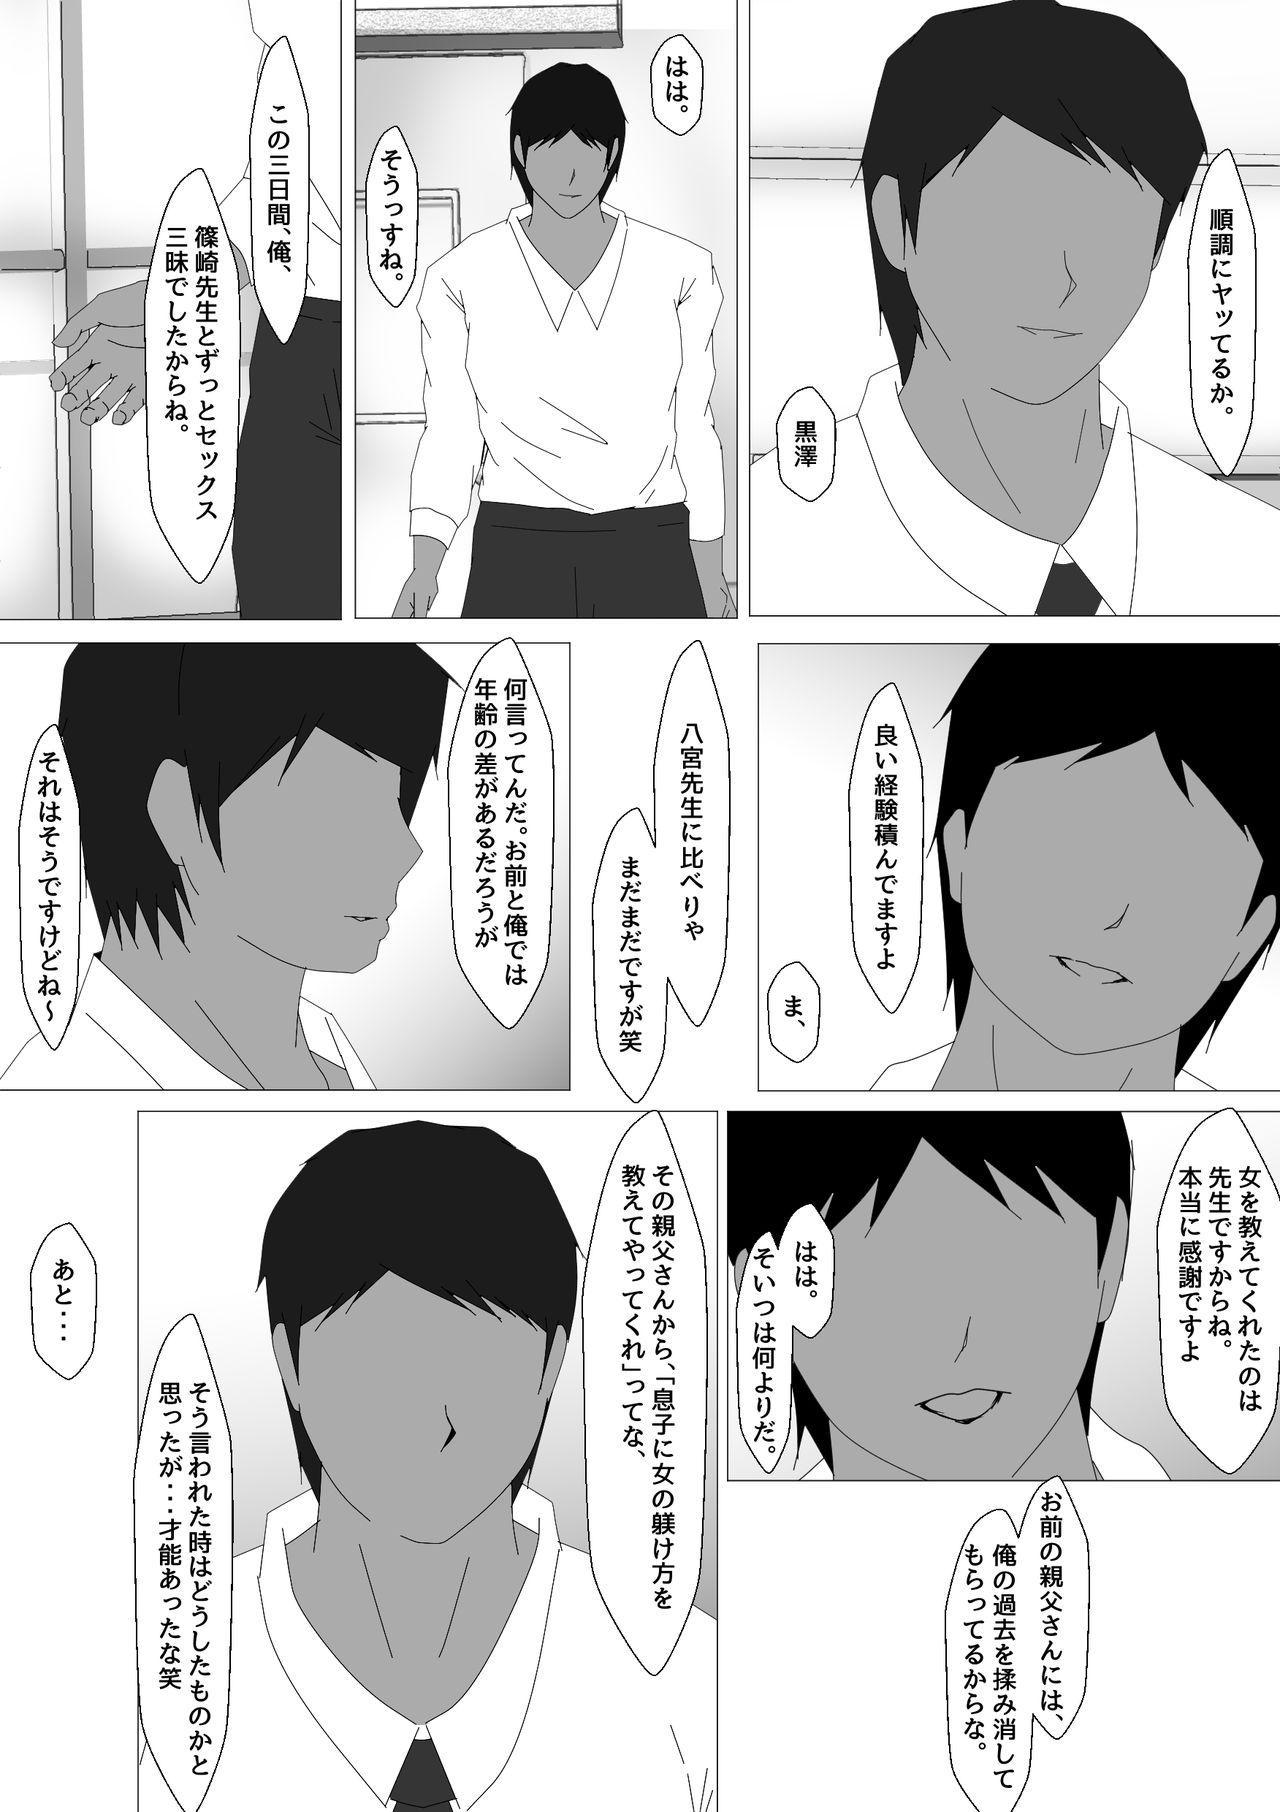 Onna Kyoushi Shinozaki Rin no Choukyou Kiroku 130